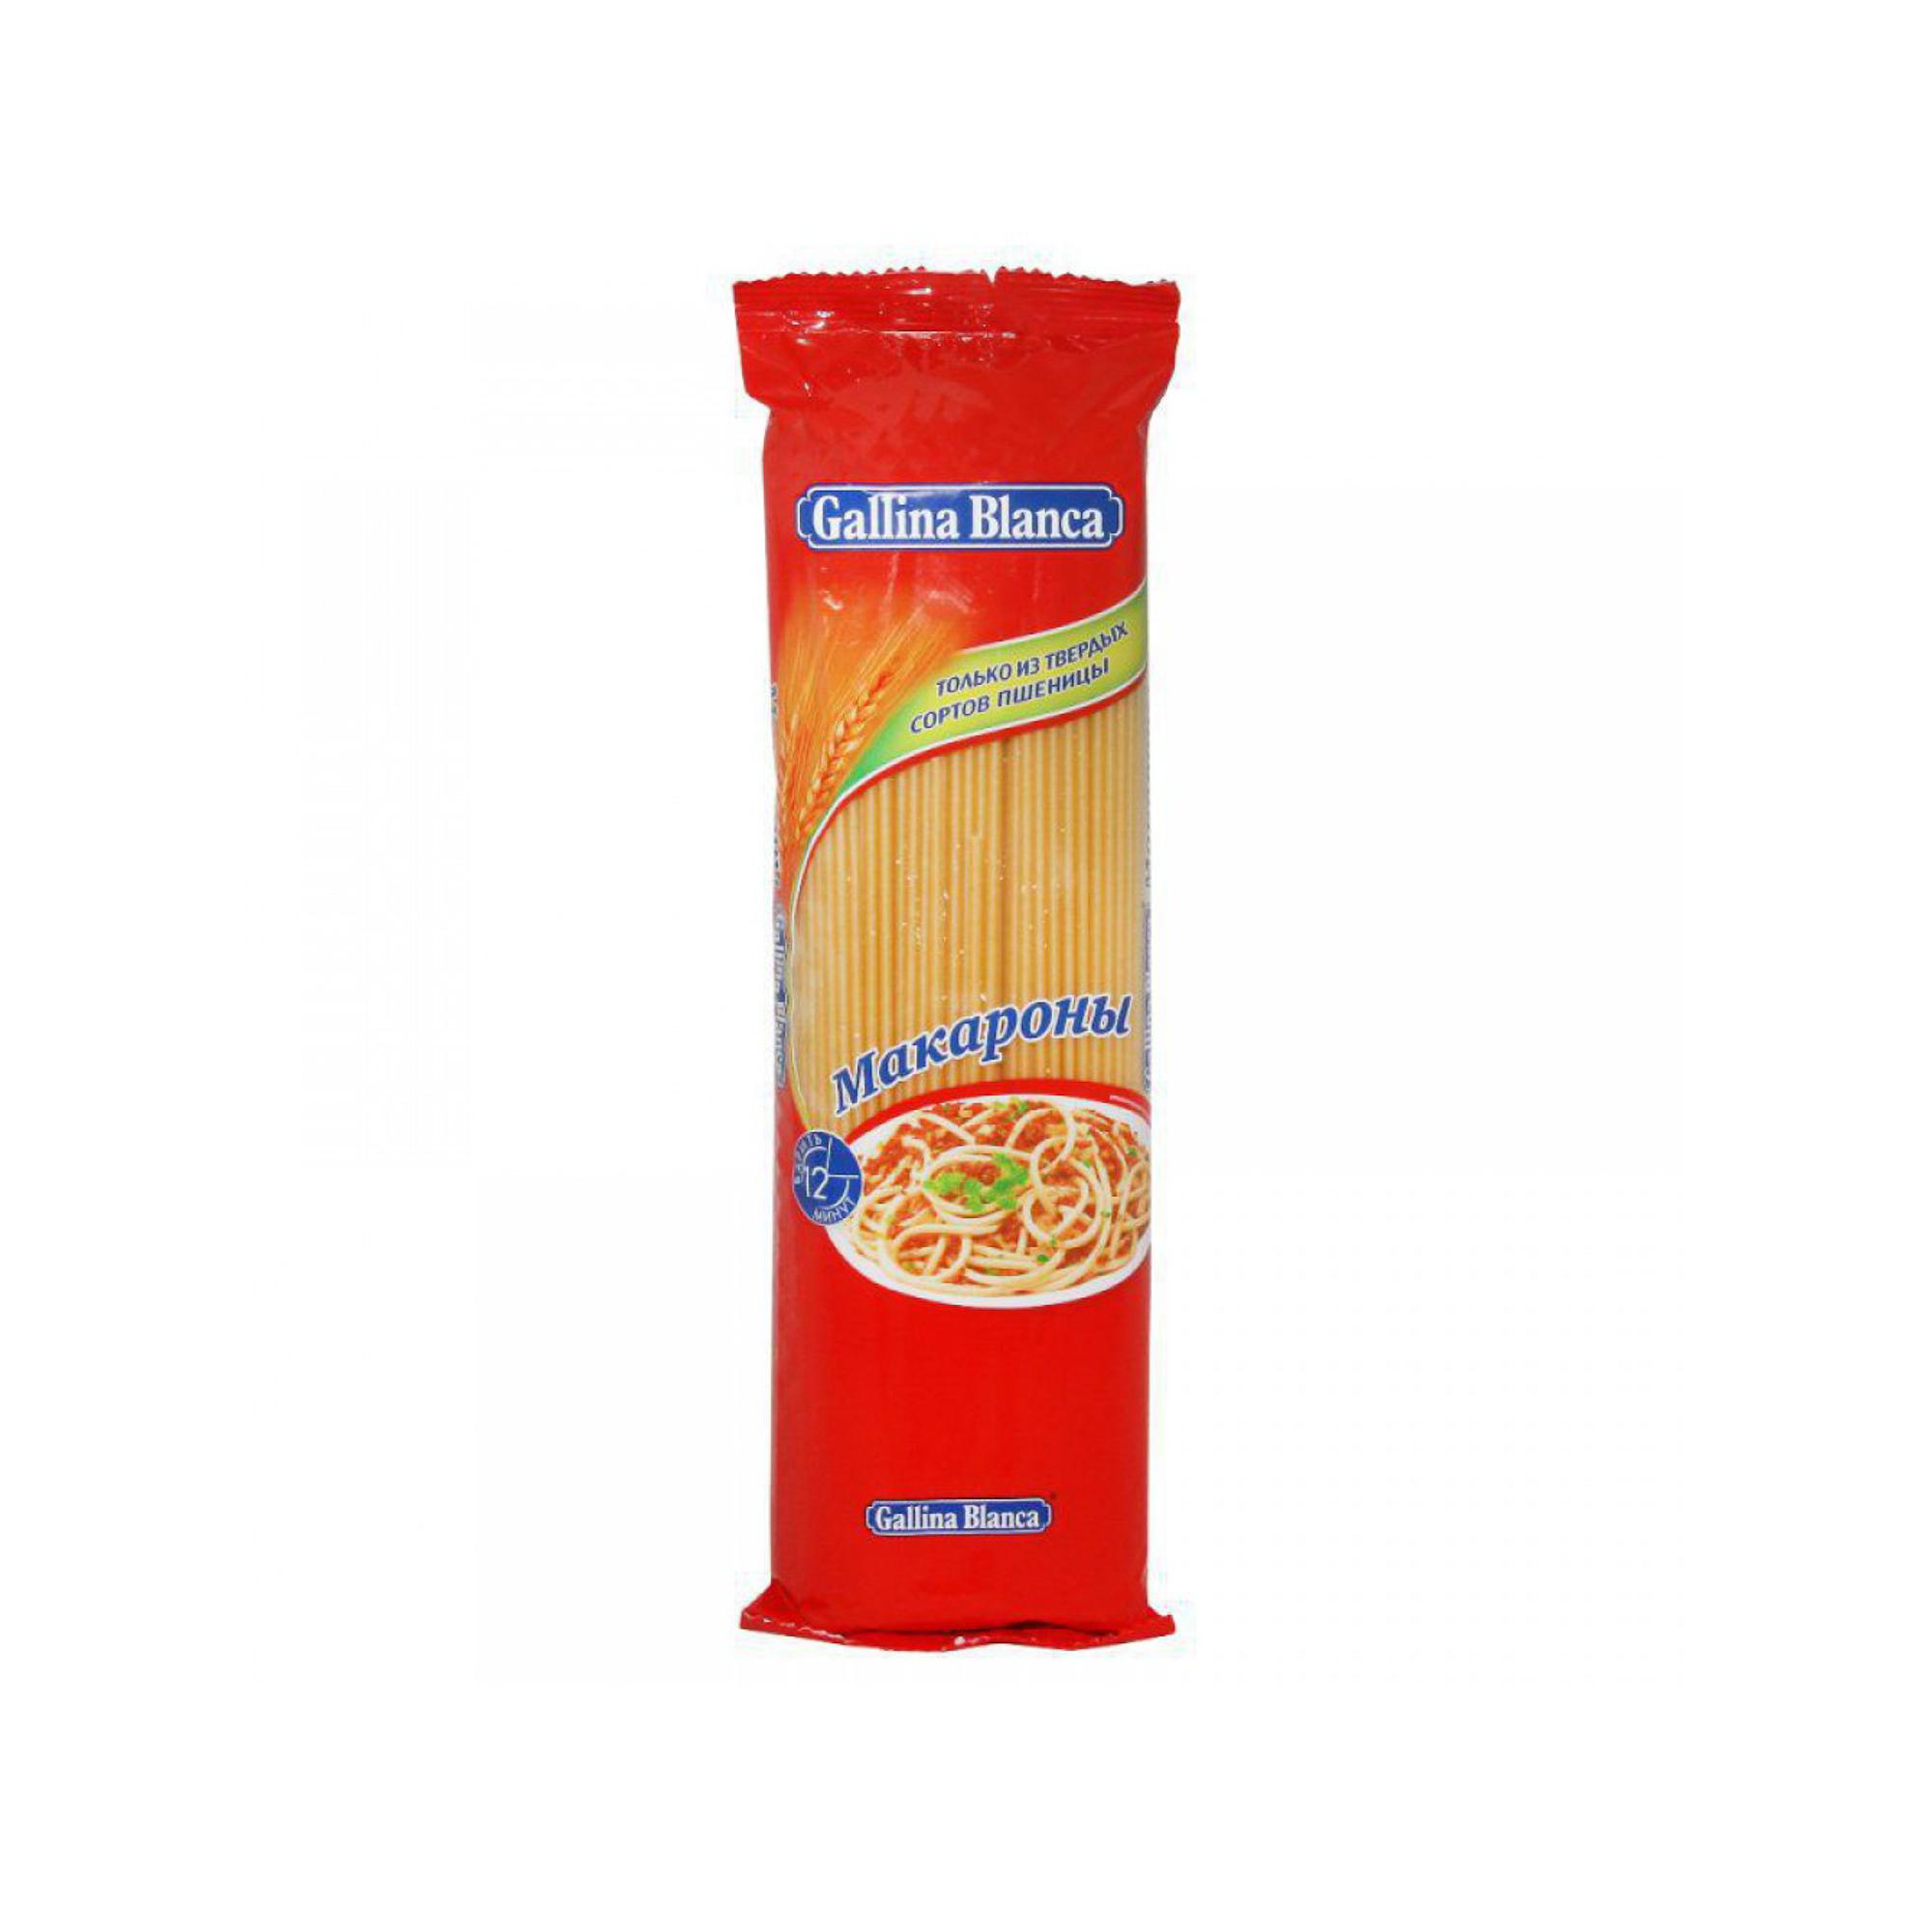 Фото - Макаронные изделия Gallina Blanca длинные 450 г макароны gallina blanca 450 г спагетти